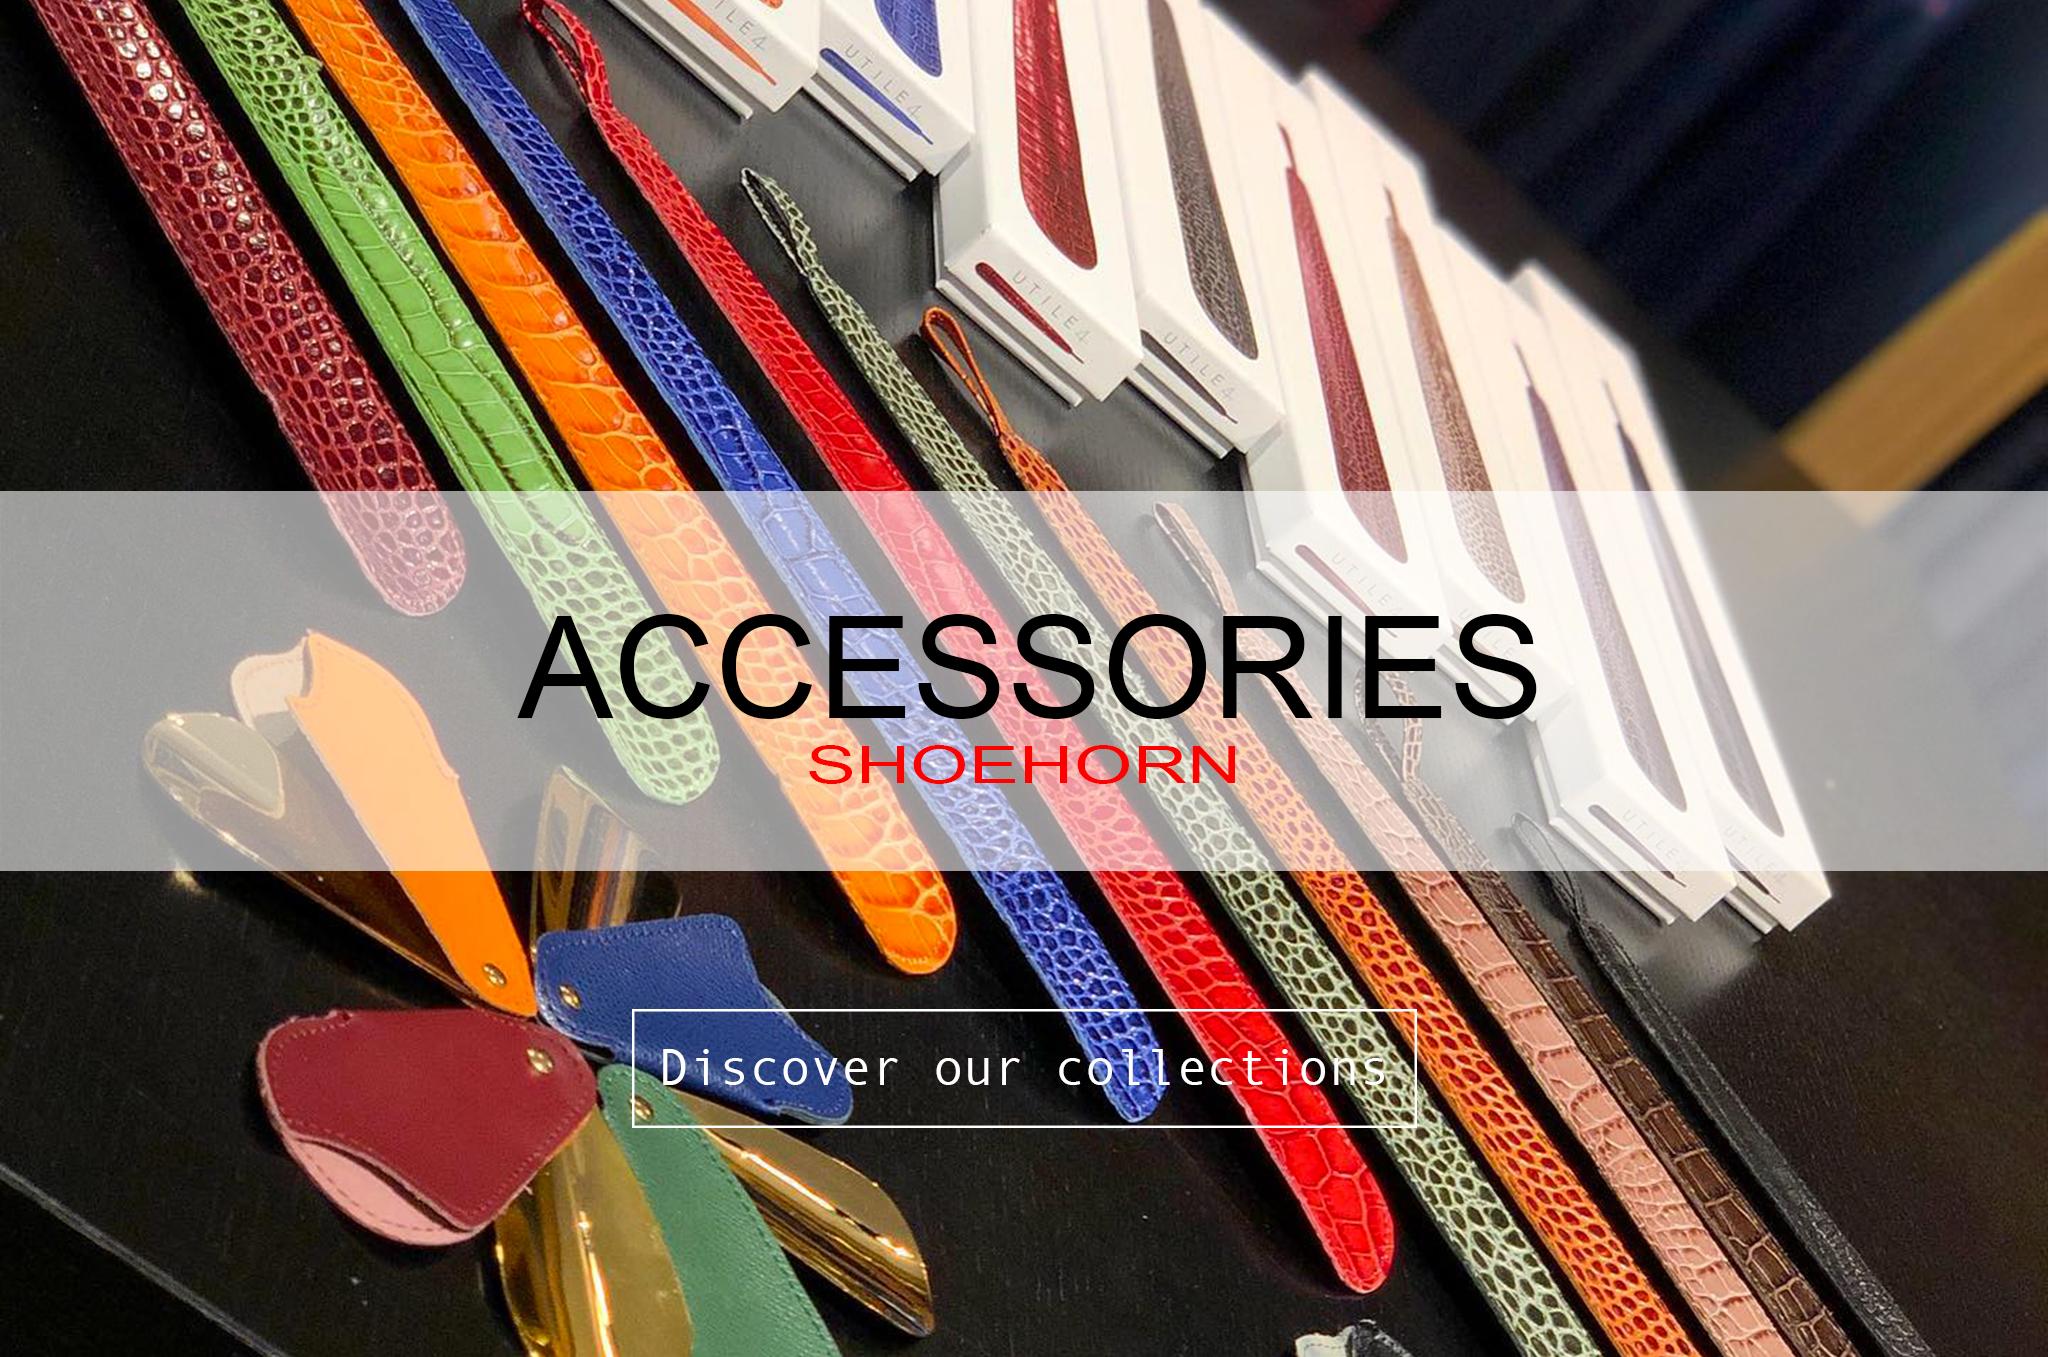 Accessoires Shoehorn